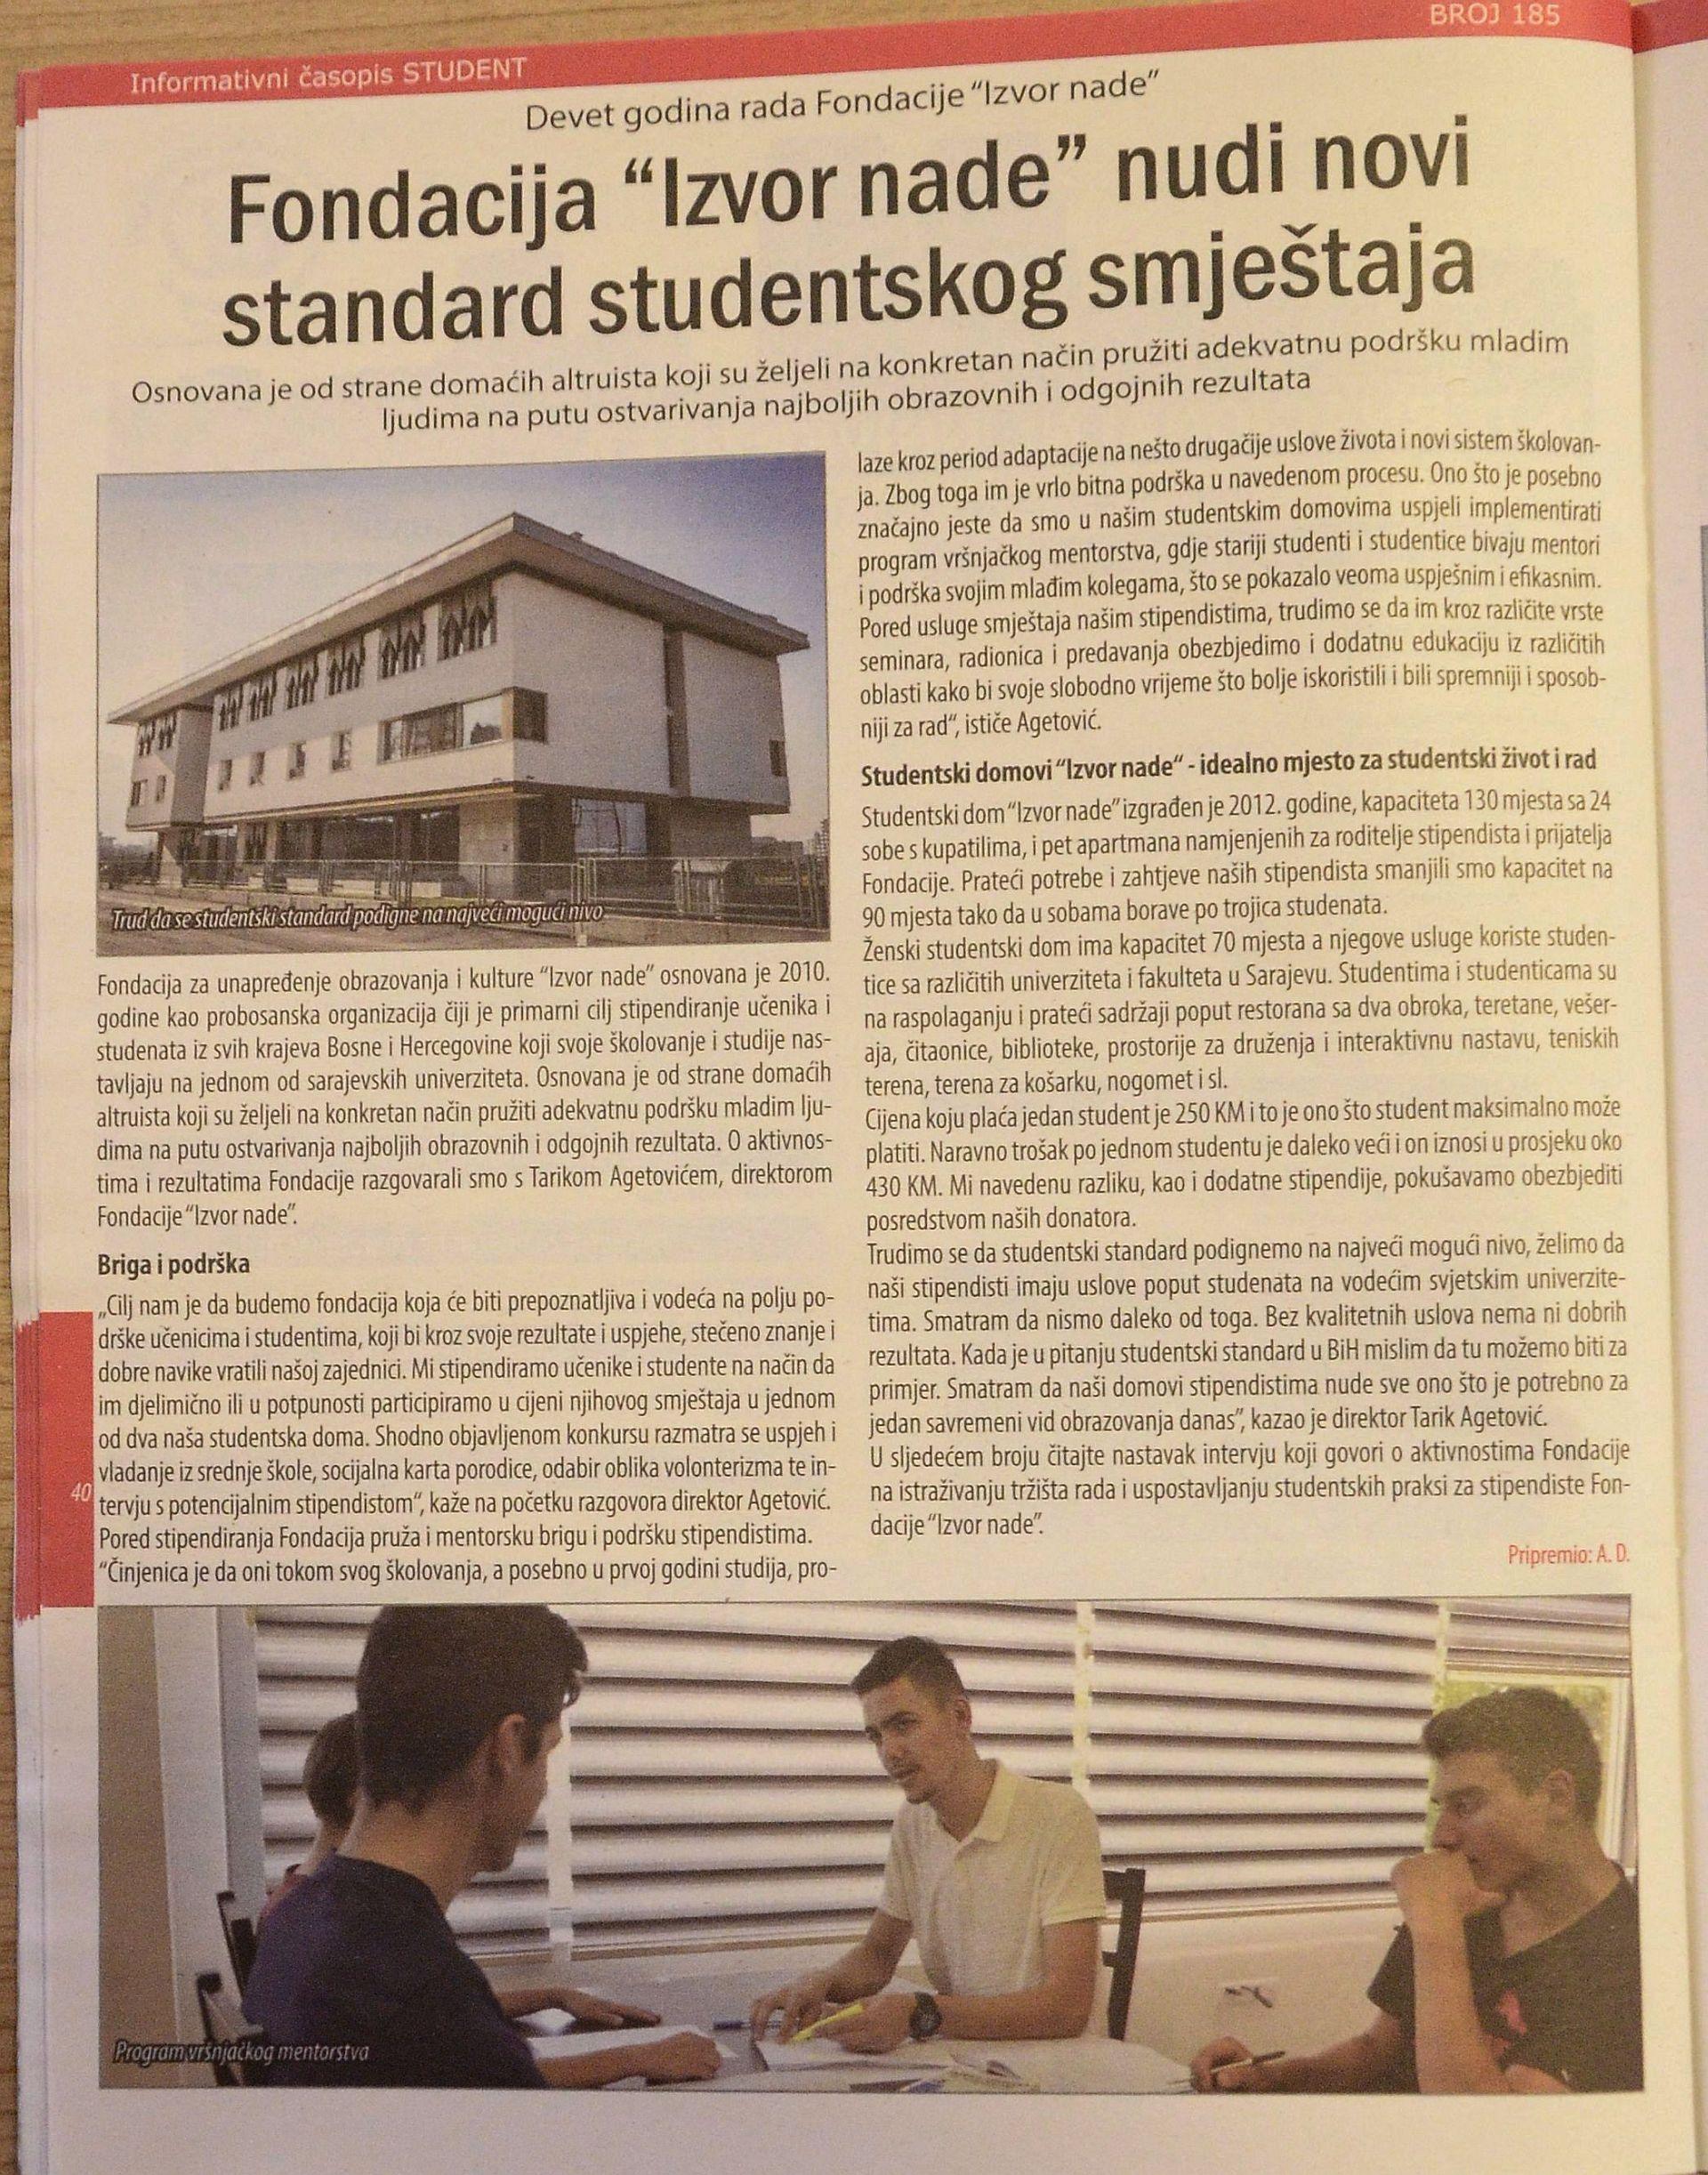 Časopis Student: Fondacija Izvor nade nudi novi standard studentskog smještaja_maj_2019._a